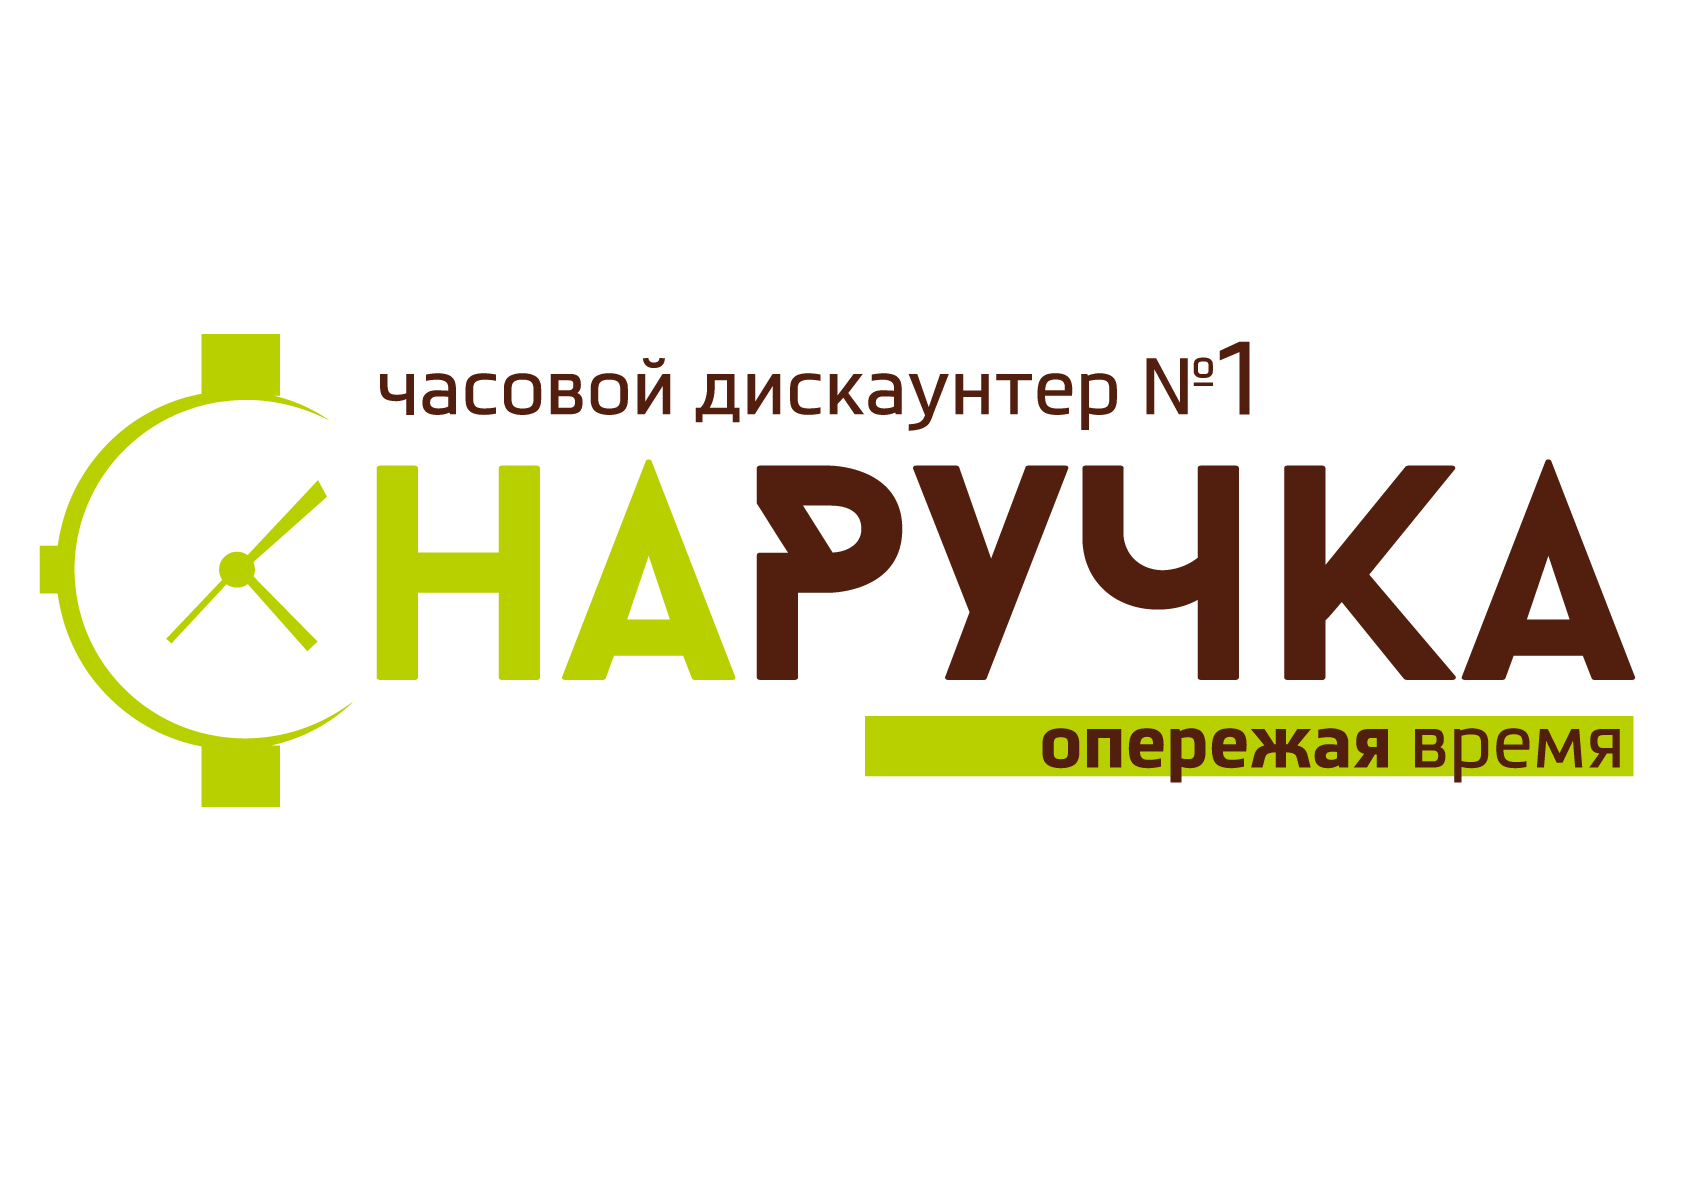 Интернет магазин Наручка - часовой дискаунтер №1